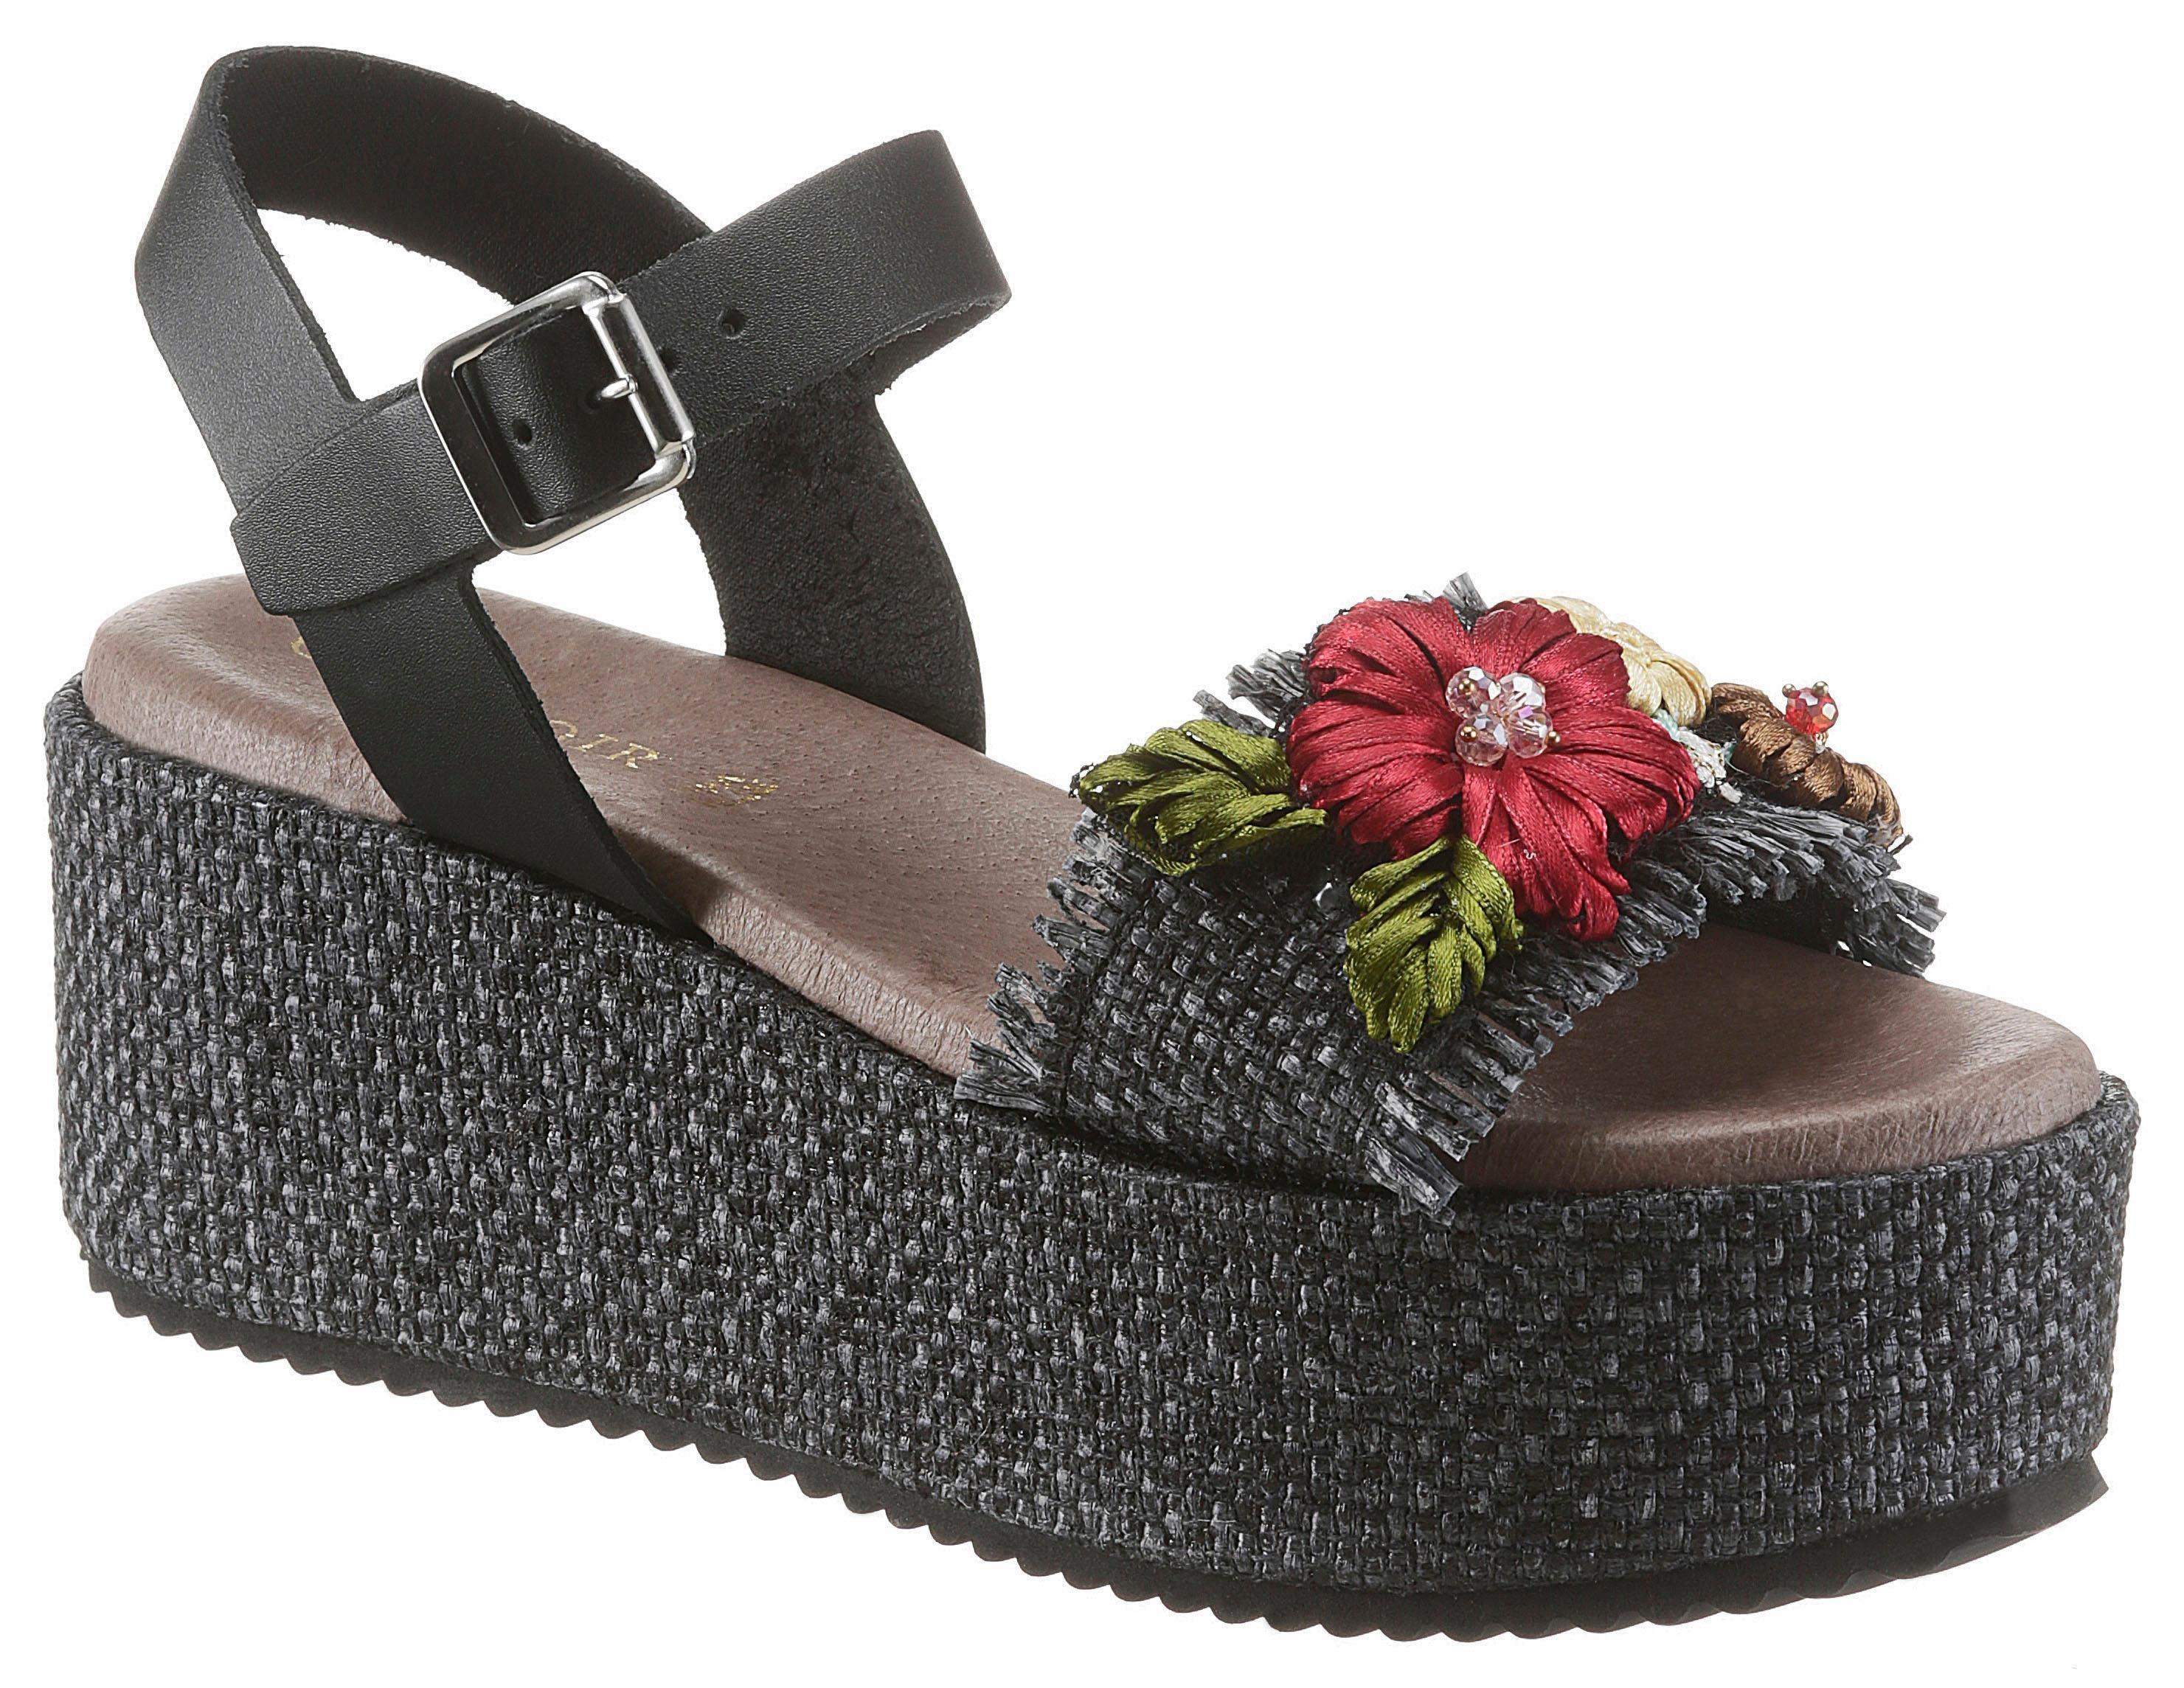 Cafe Noir Sandalette mit sommerlicher Blütenstickerei | Schuhe > Sandalen & Zehentrenner > Sandalen | Cafe Noir